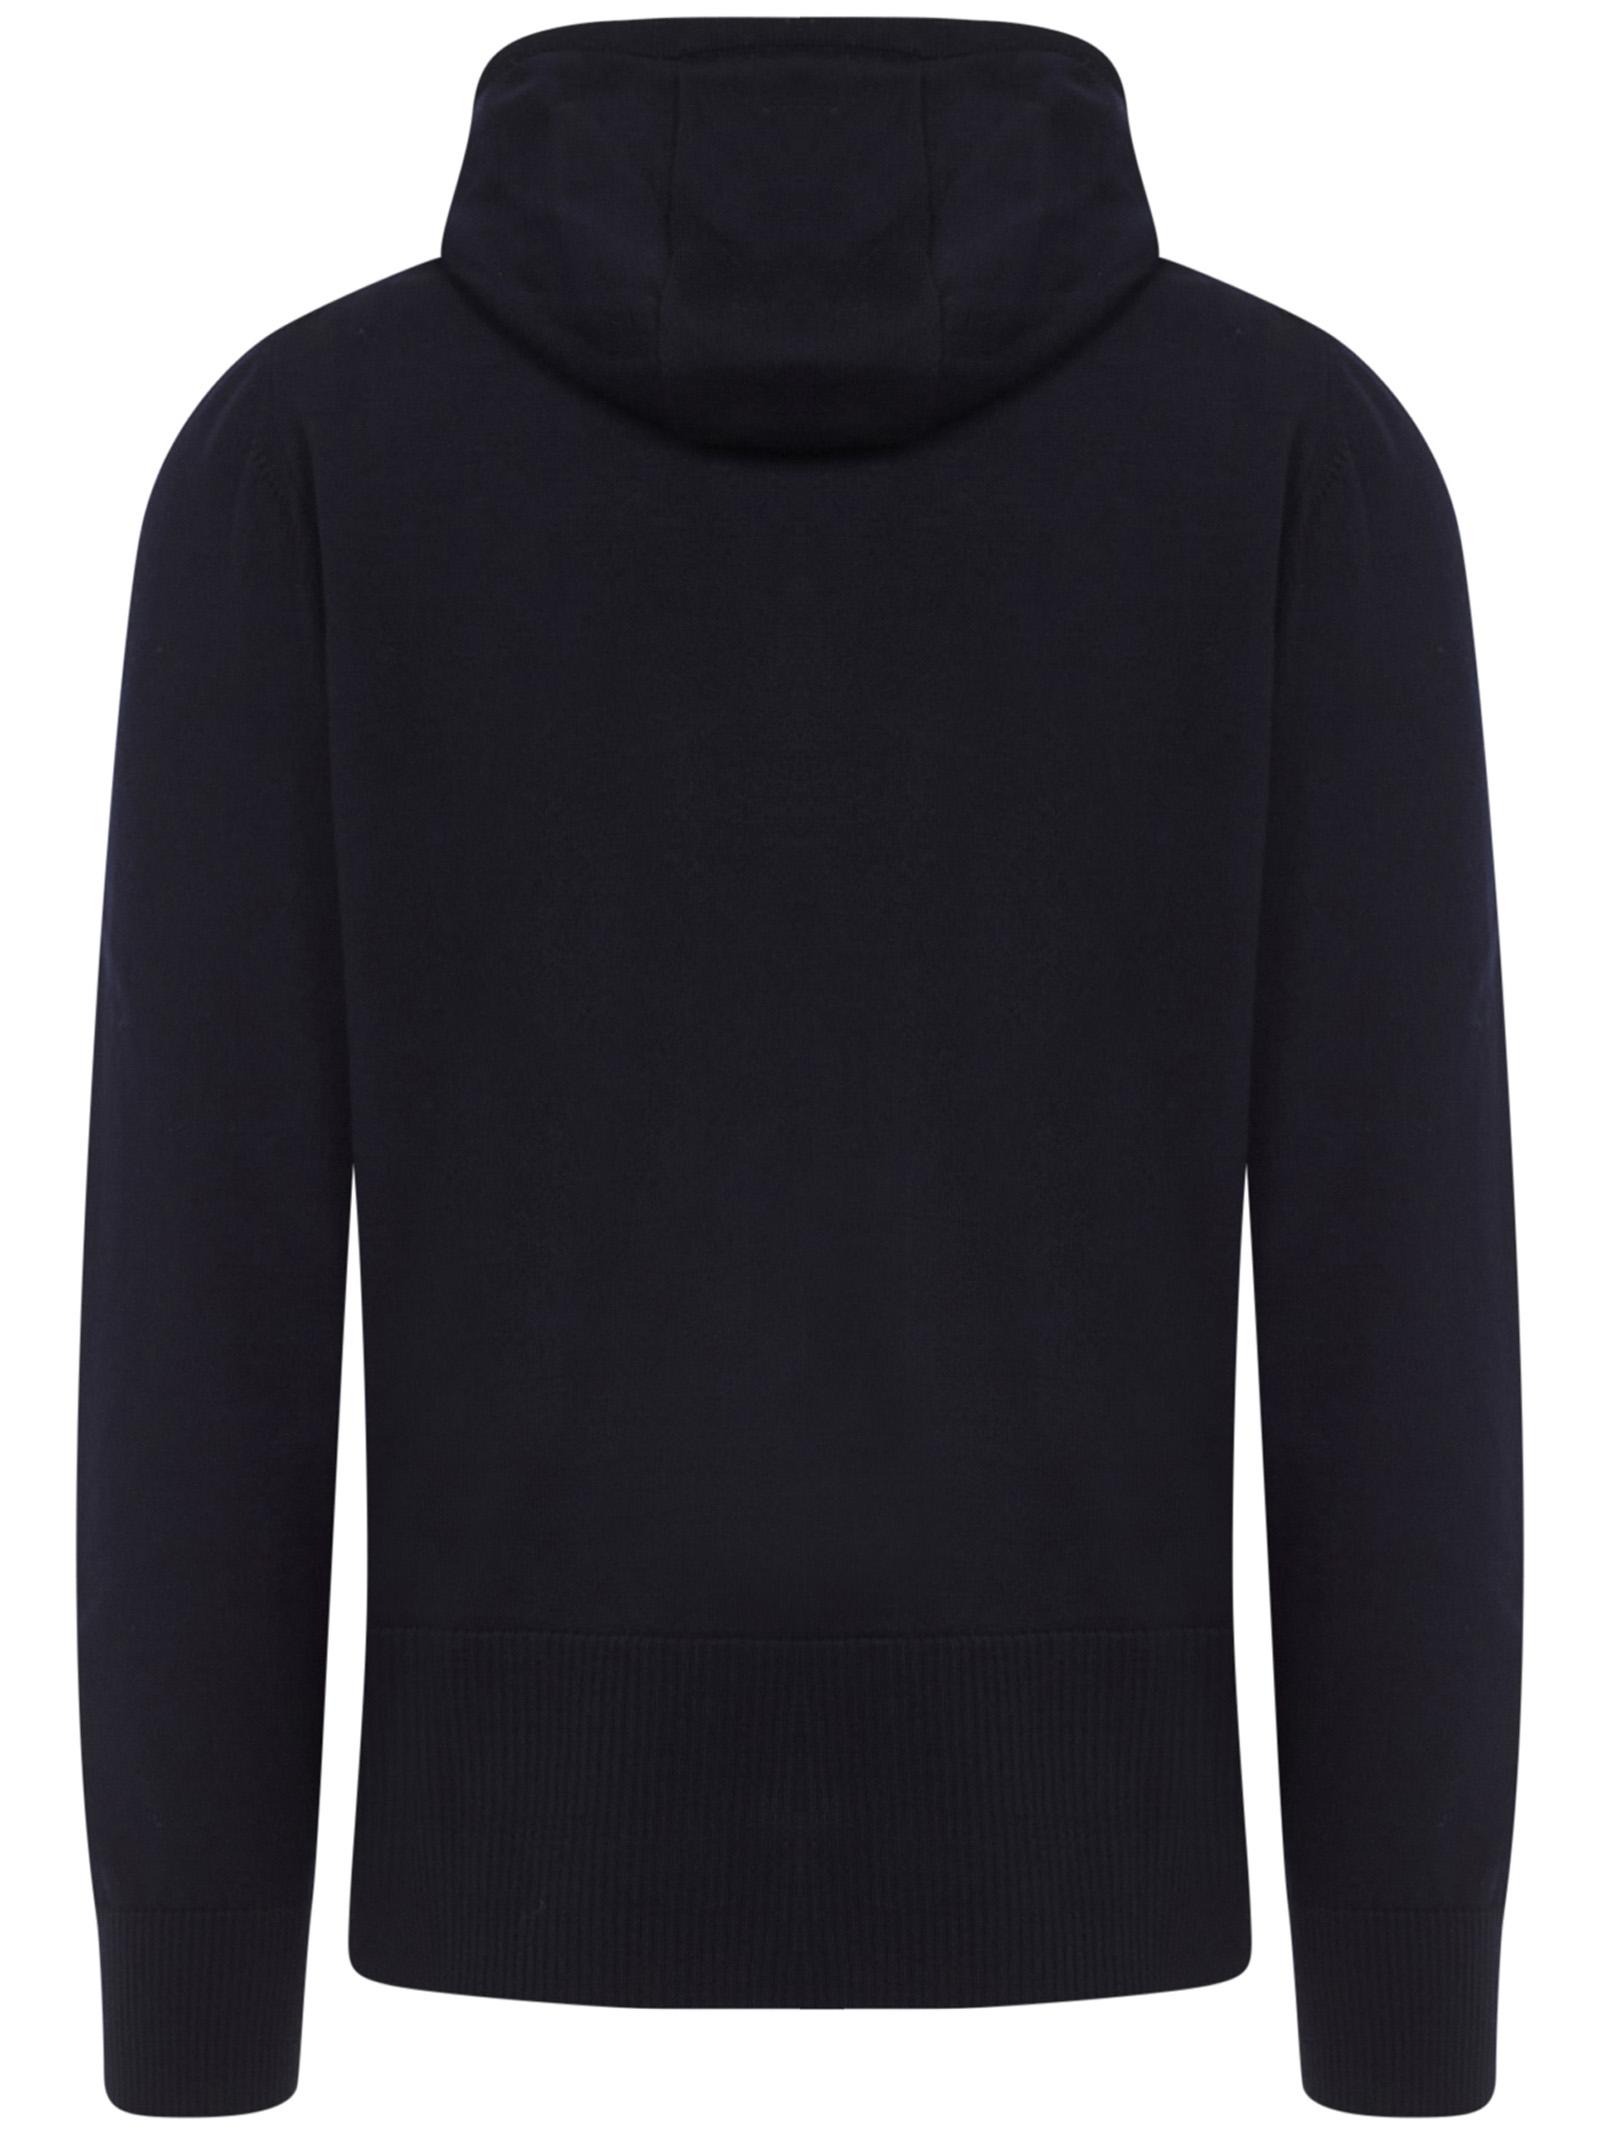 Thom Browne sweatshirt Thom Browne | -108764232 | MKC287A00014415